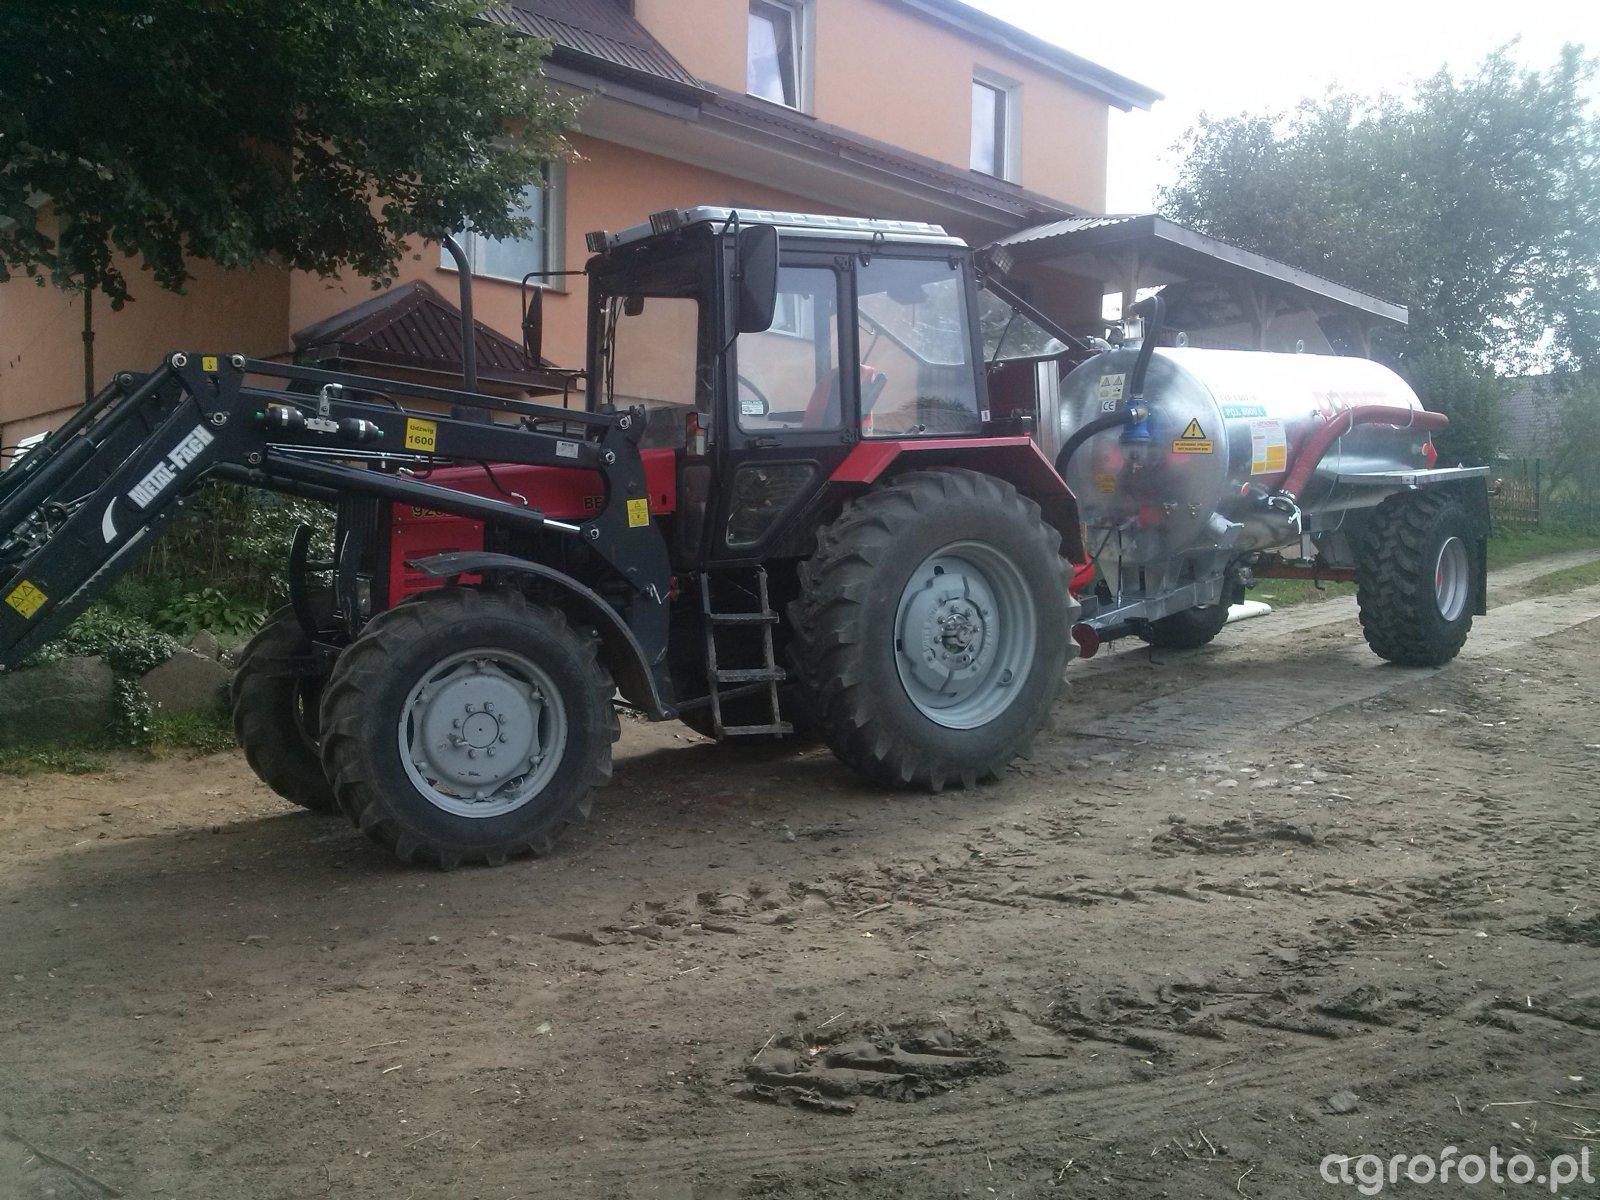 Belarus 920 & Pomot